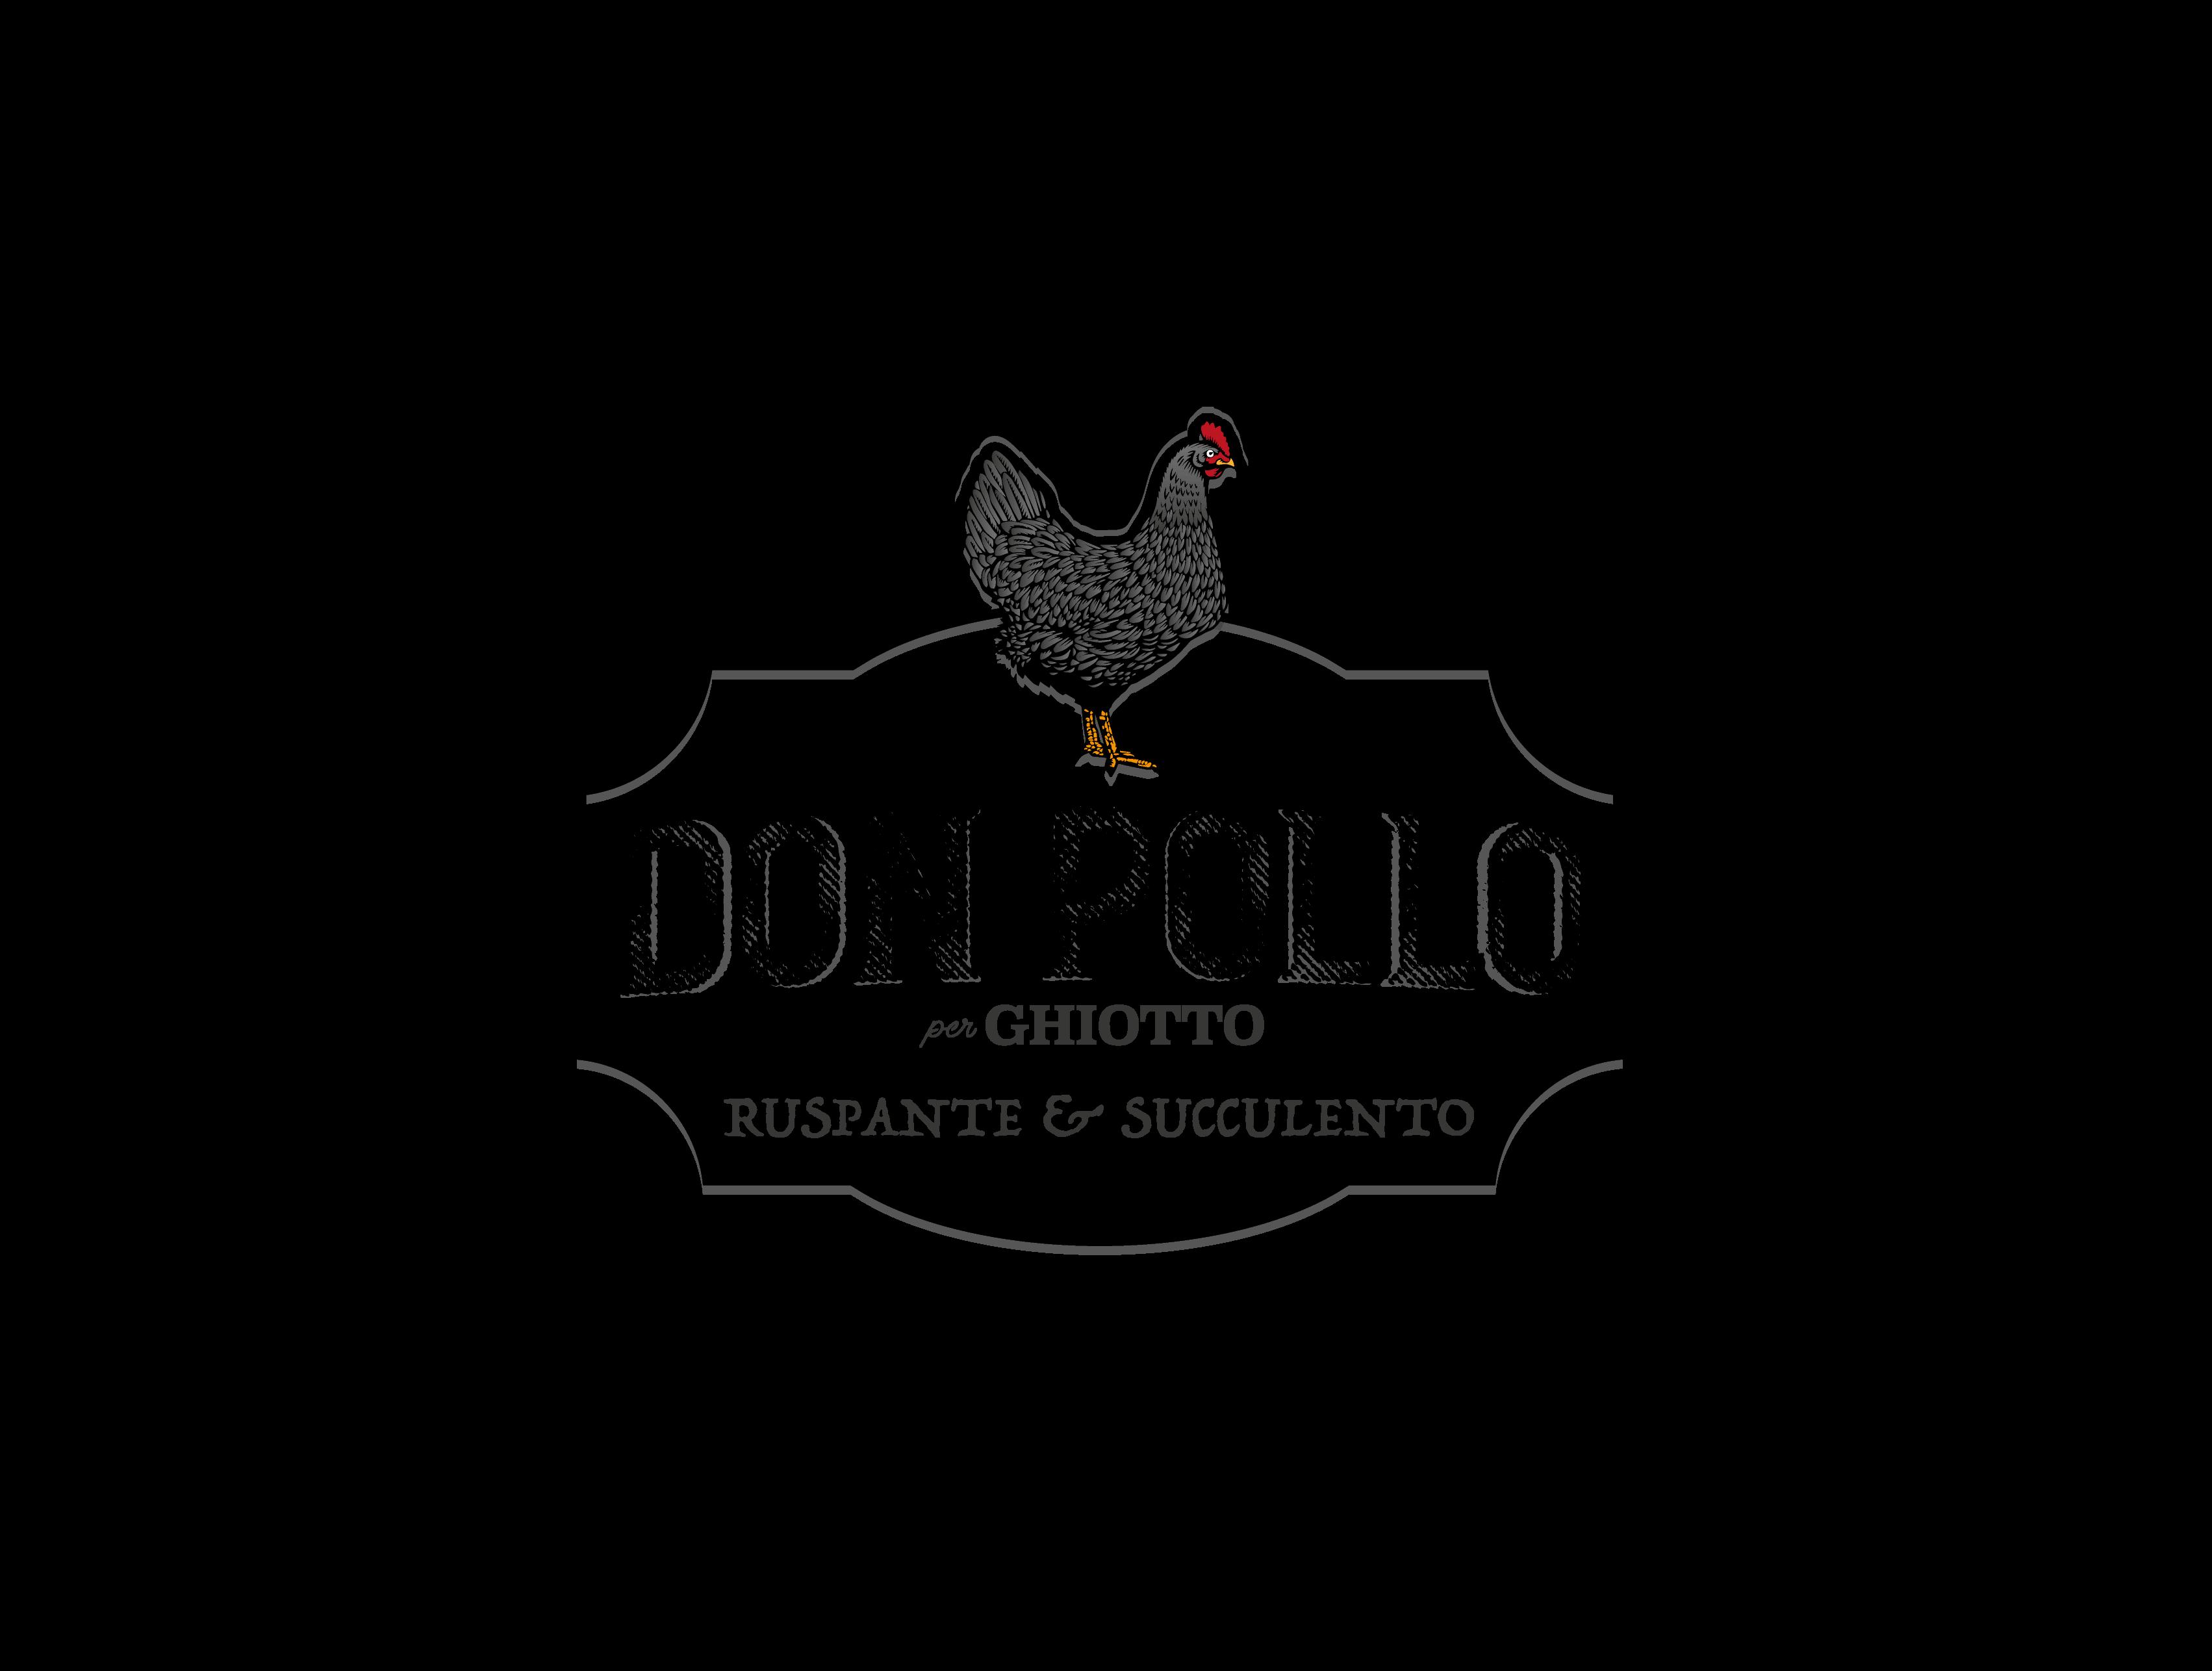 logo don pollo